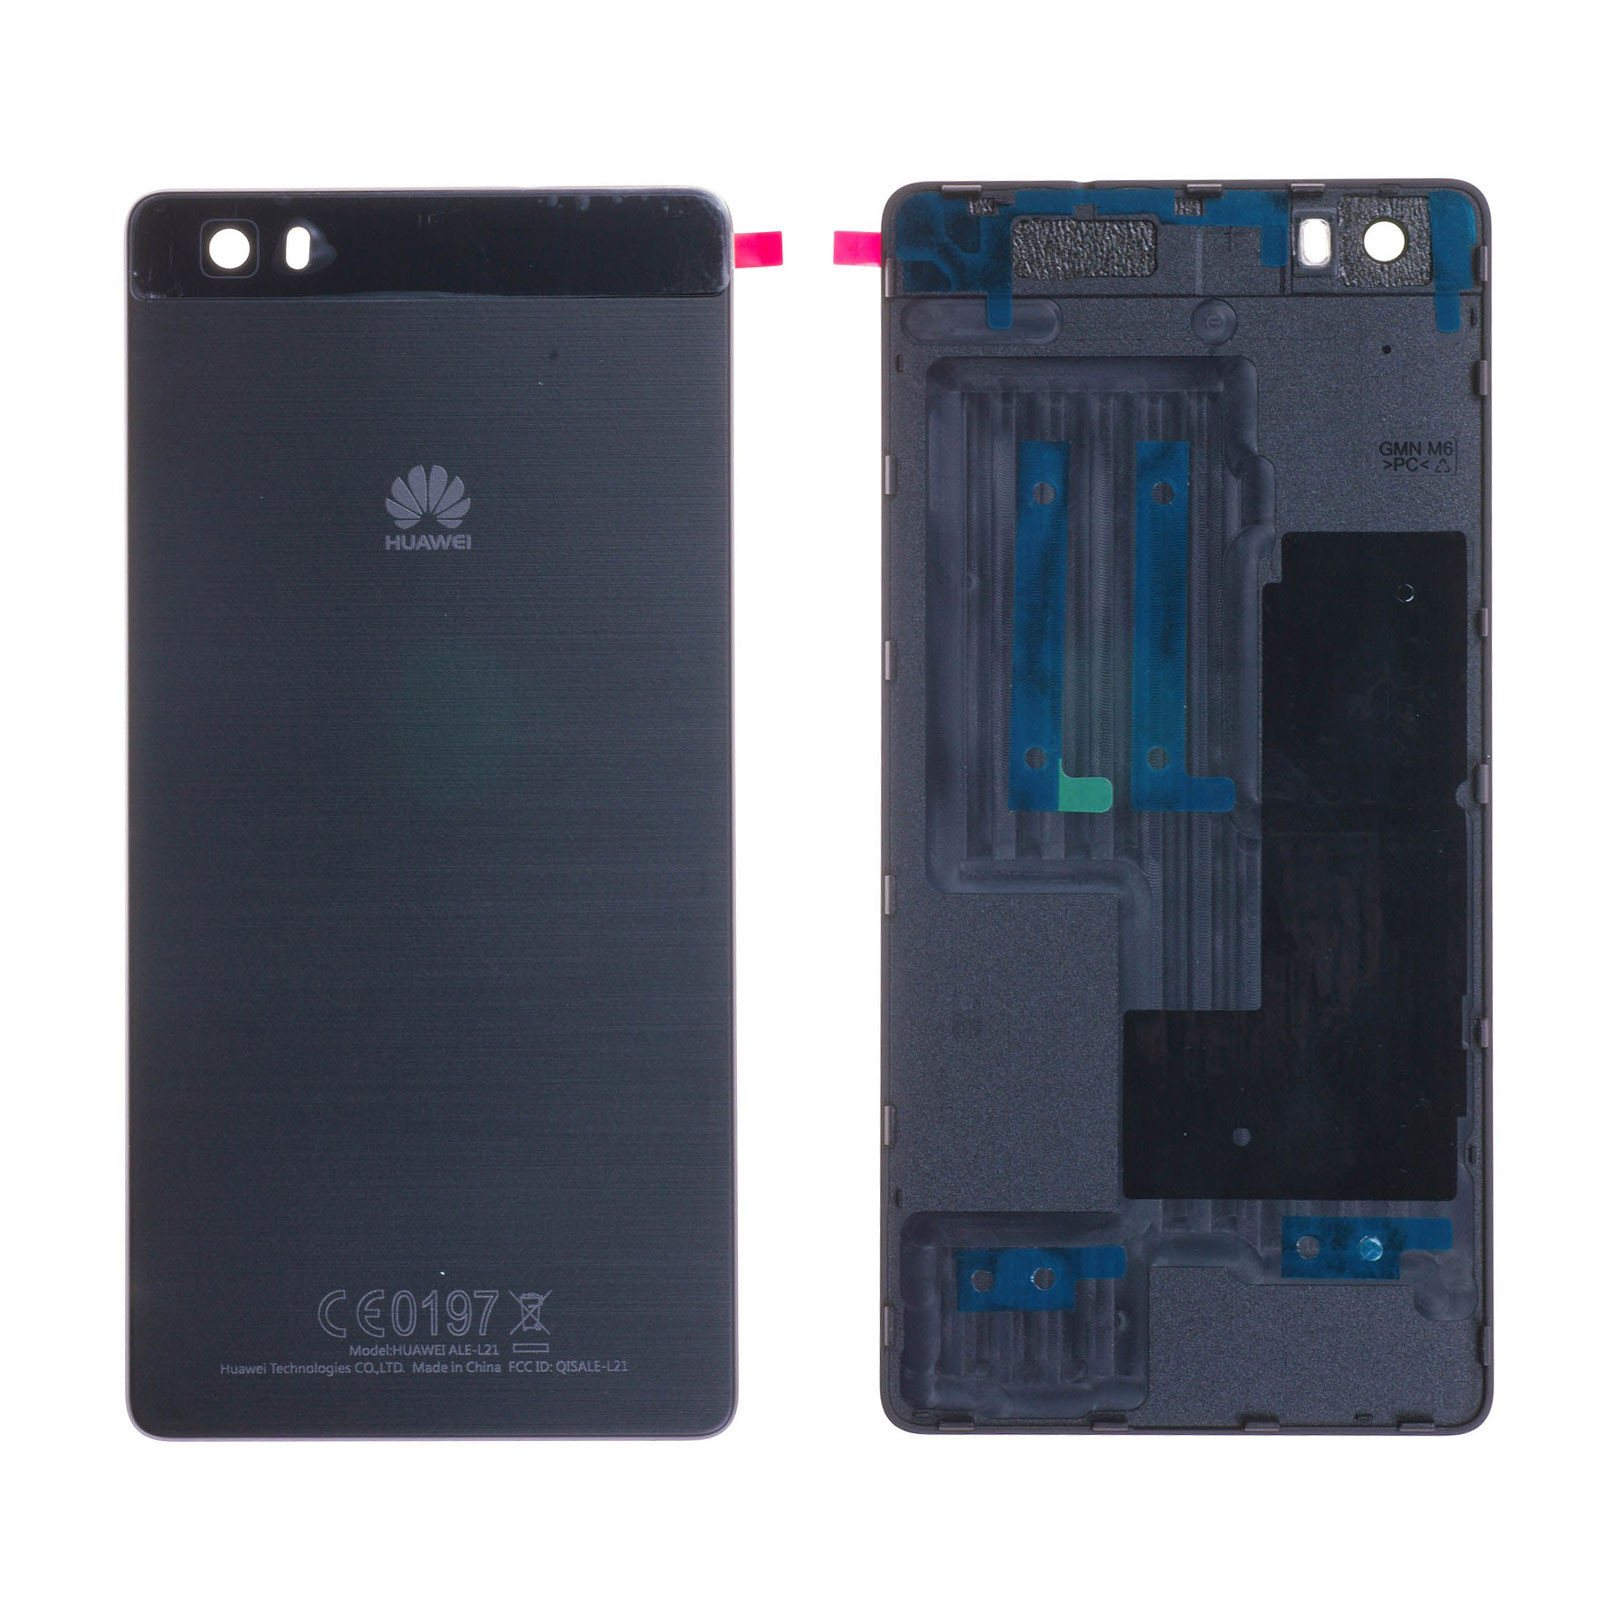 Coque arrière Huawei P8 Lite (ALE-L21) Noir